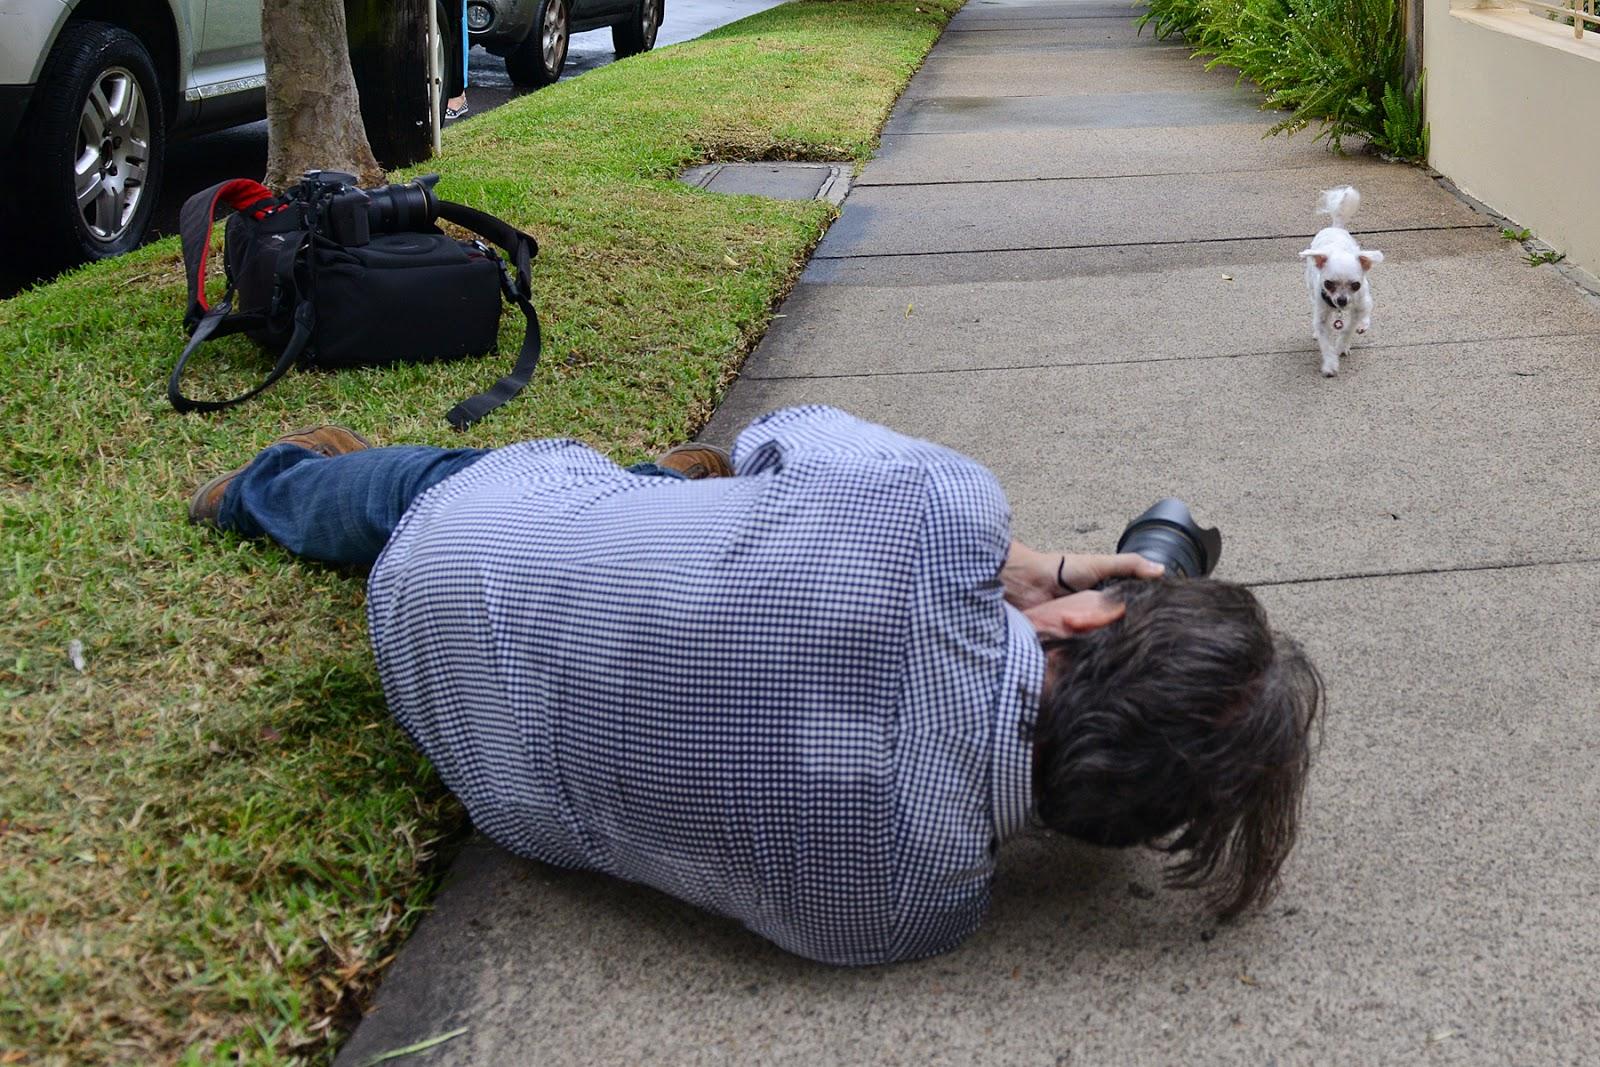 pet photography, dog photography, Pierre Mardaga